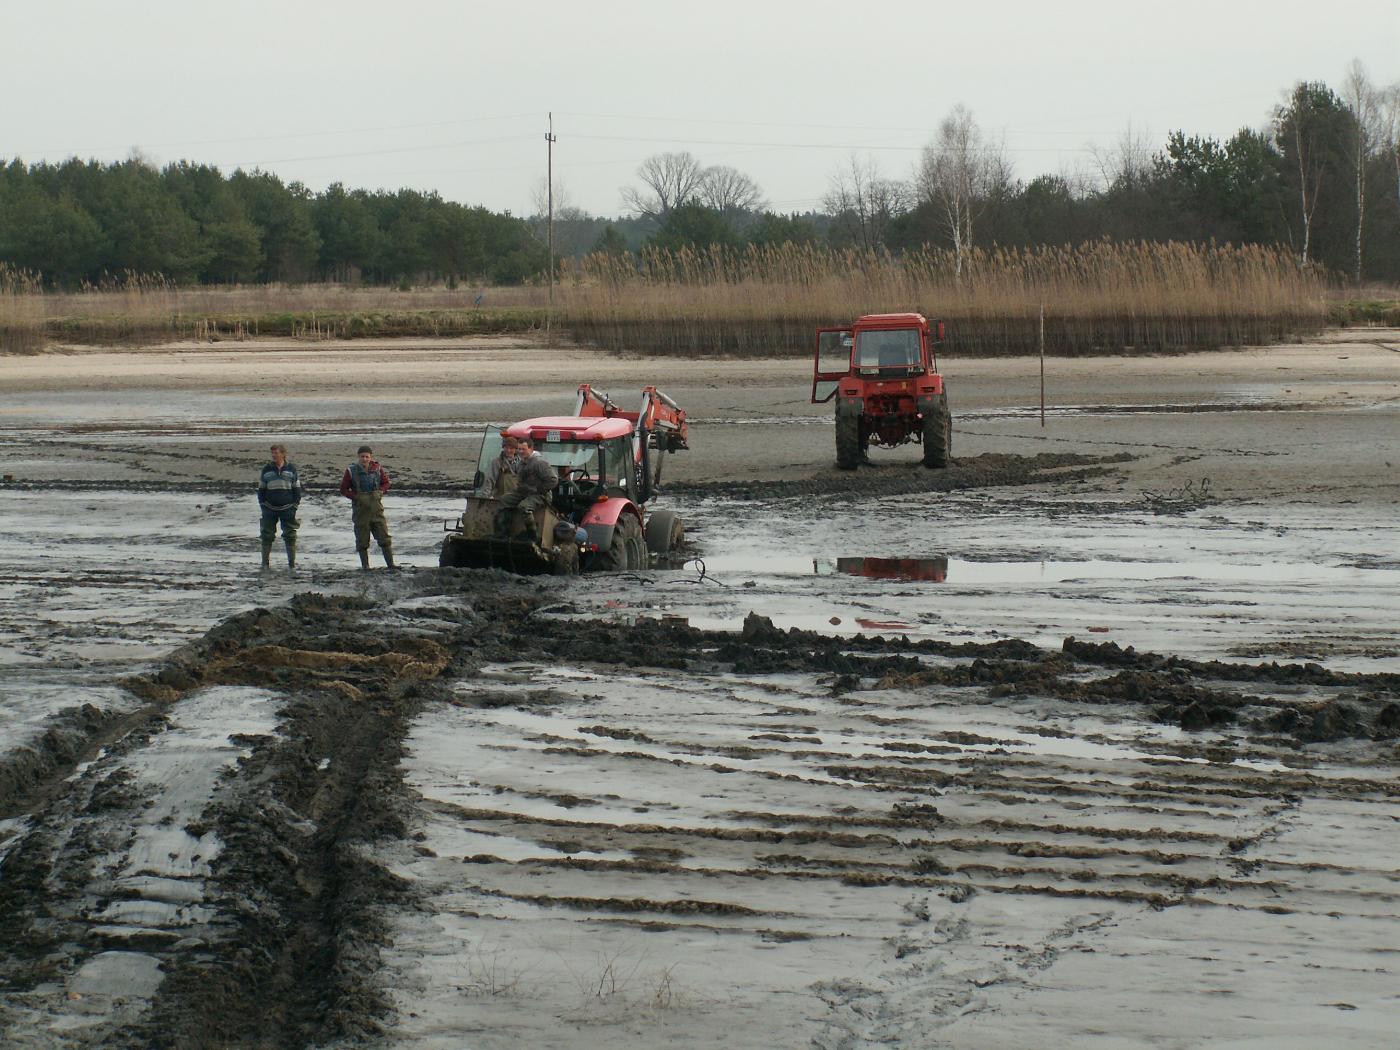 prace na stawach wiosna 2020 - gospodarstwo rybackie w Ruszowie - sprzedaż ryb